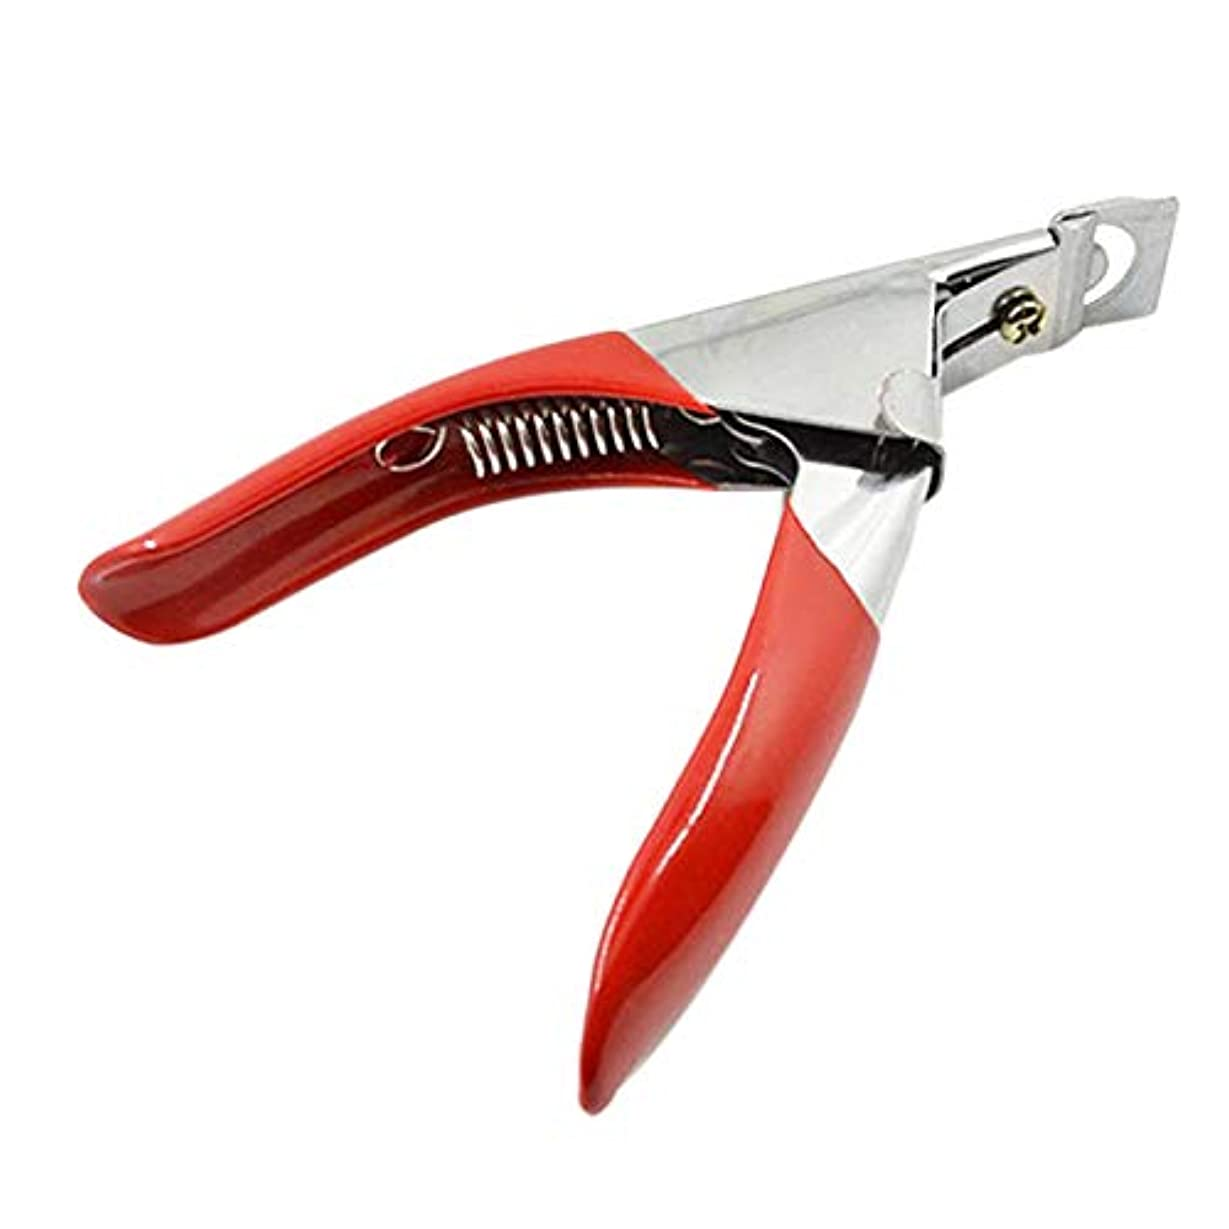 文明化慣性れるTOOGOO マニキュア、ネイルのはさみ、カット、フランス語の言葉、偽爪のはさみ、カット用マニキュアのツール